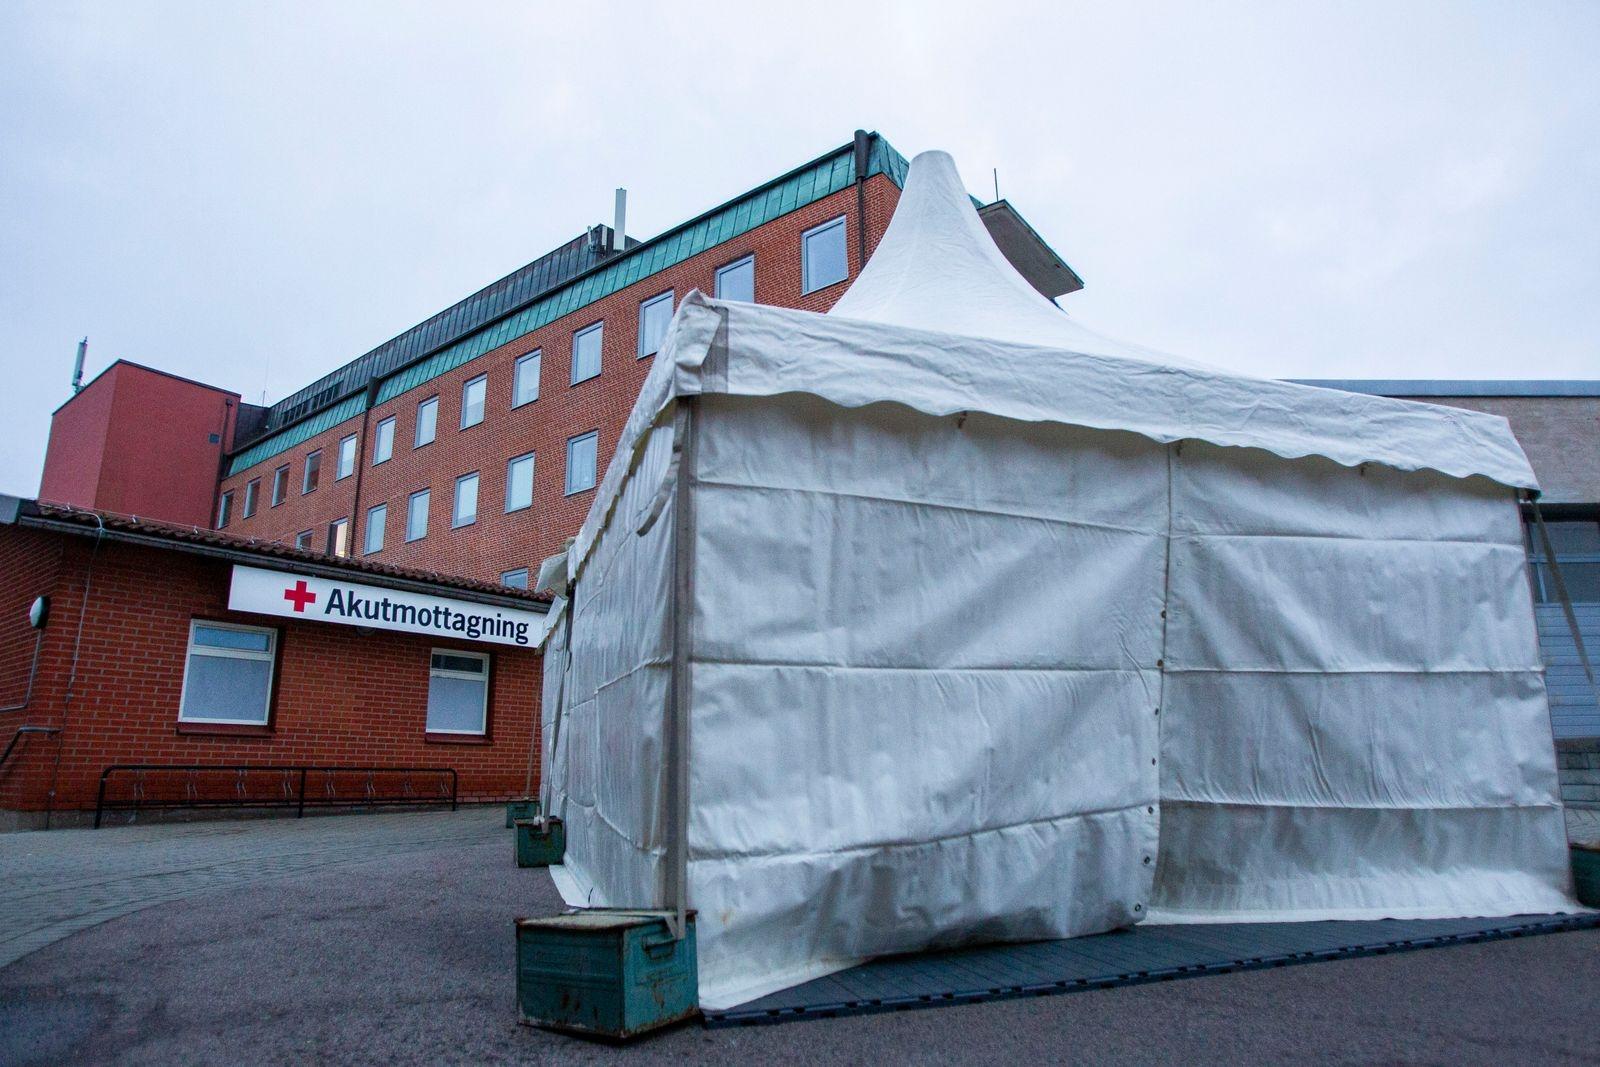 Sjukvårdstält sätts upp utanför ingången till akutmottagningen på Trelleborgs lasarett, med anledning av coronaviruset.